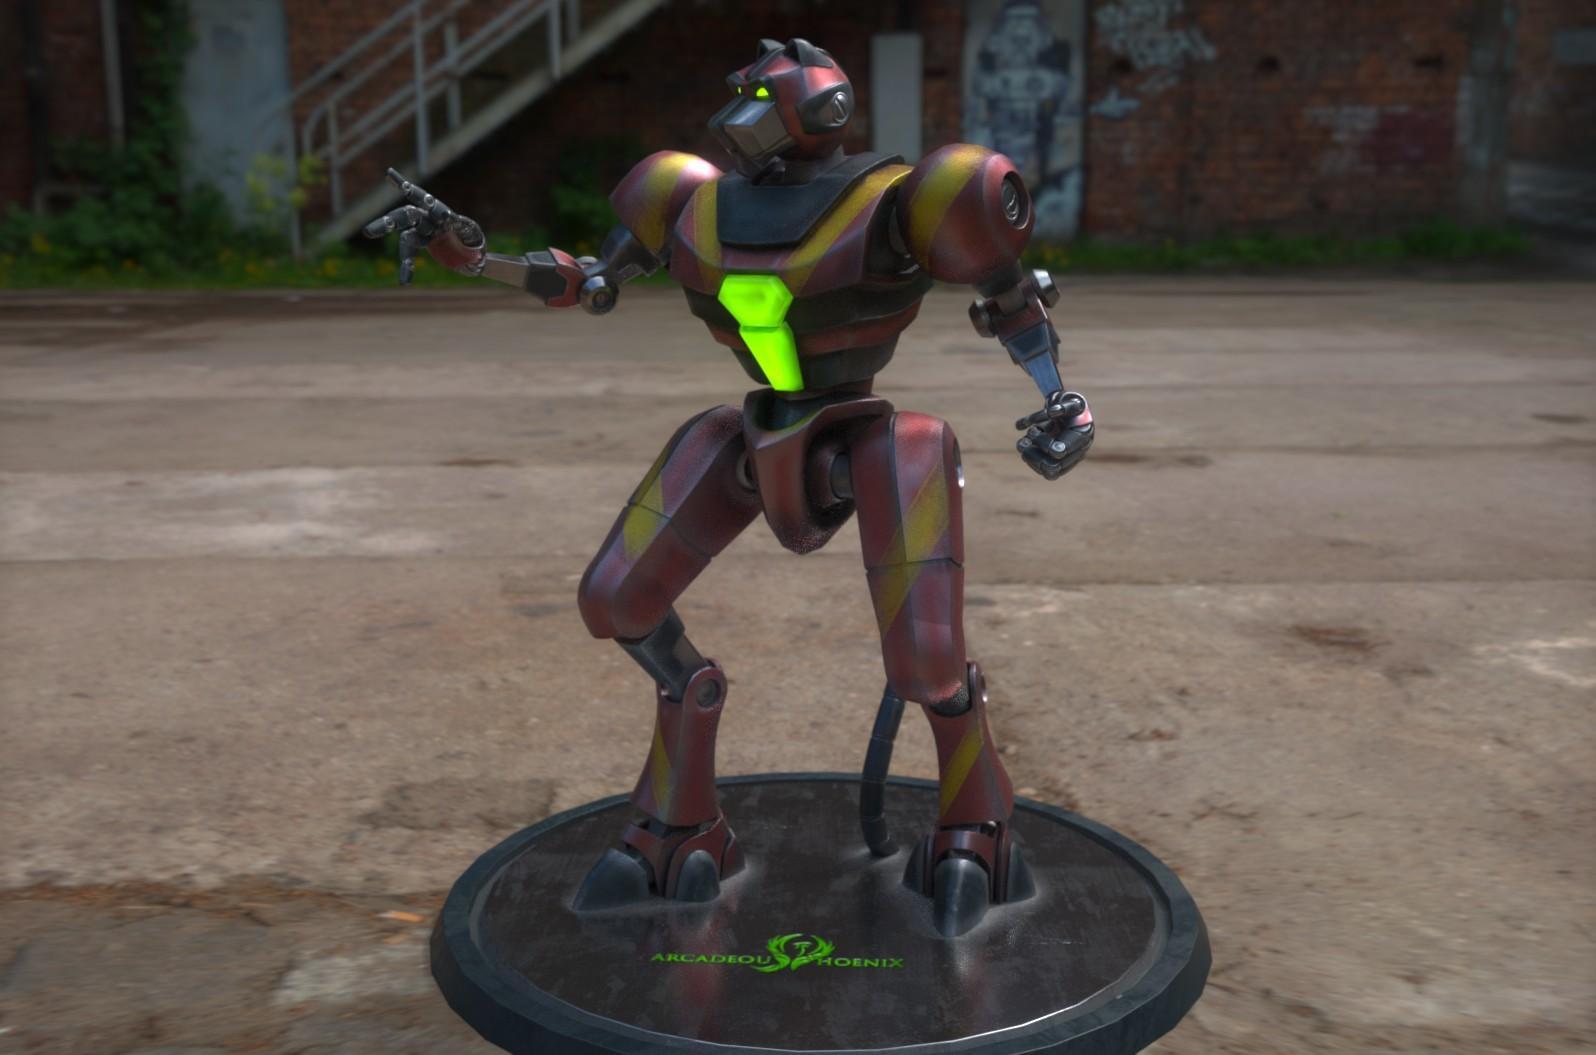 Arcadeous phoenix tigrabot 5